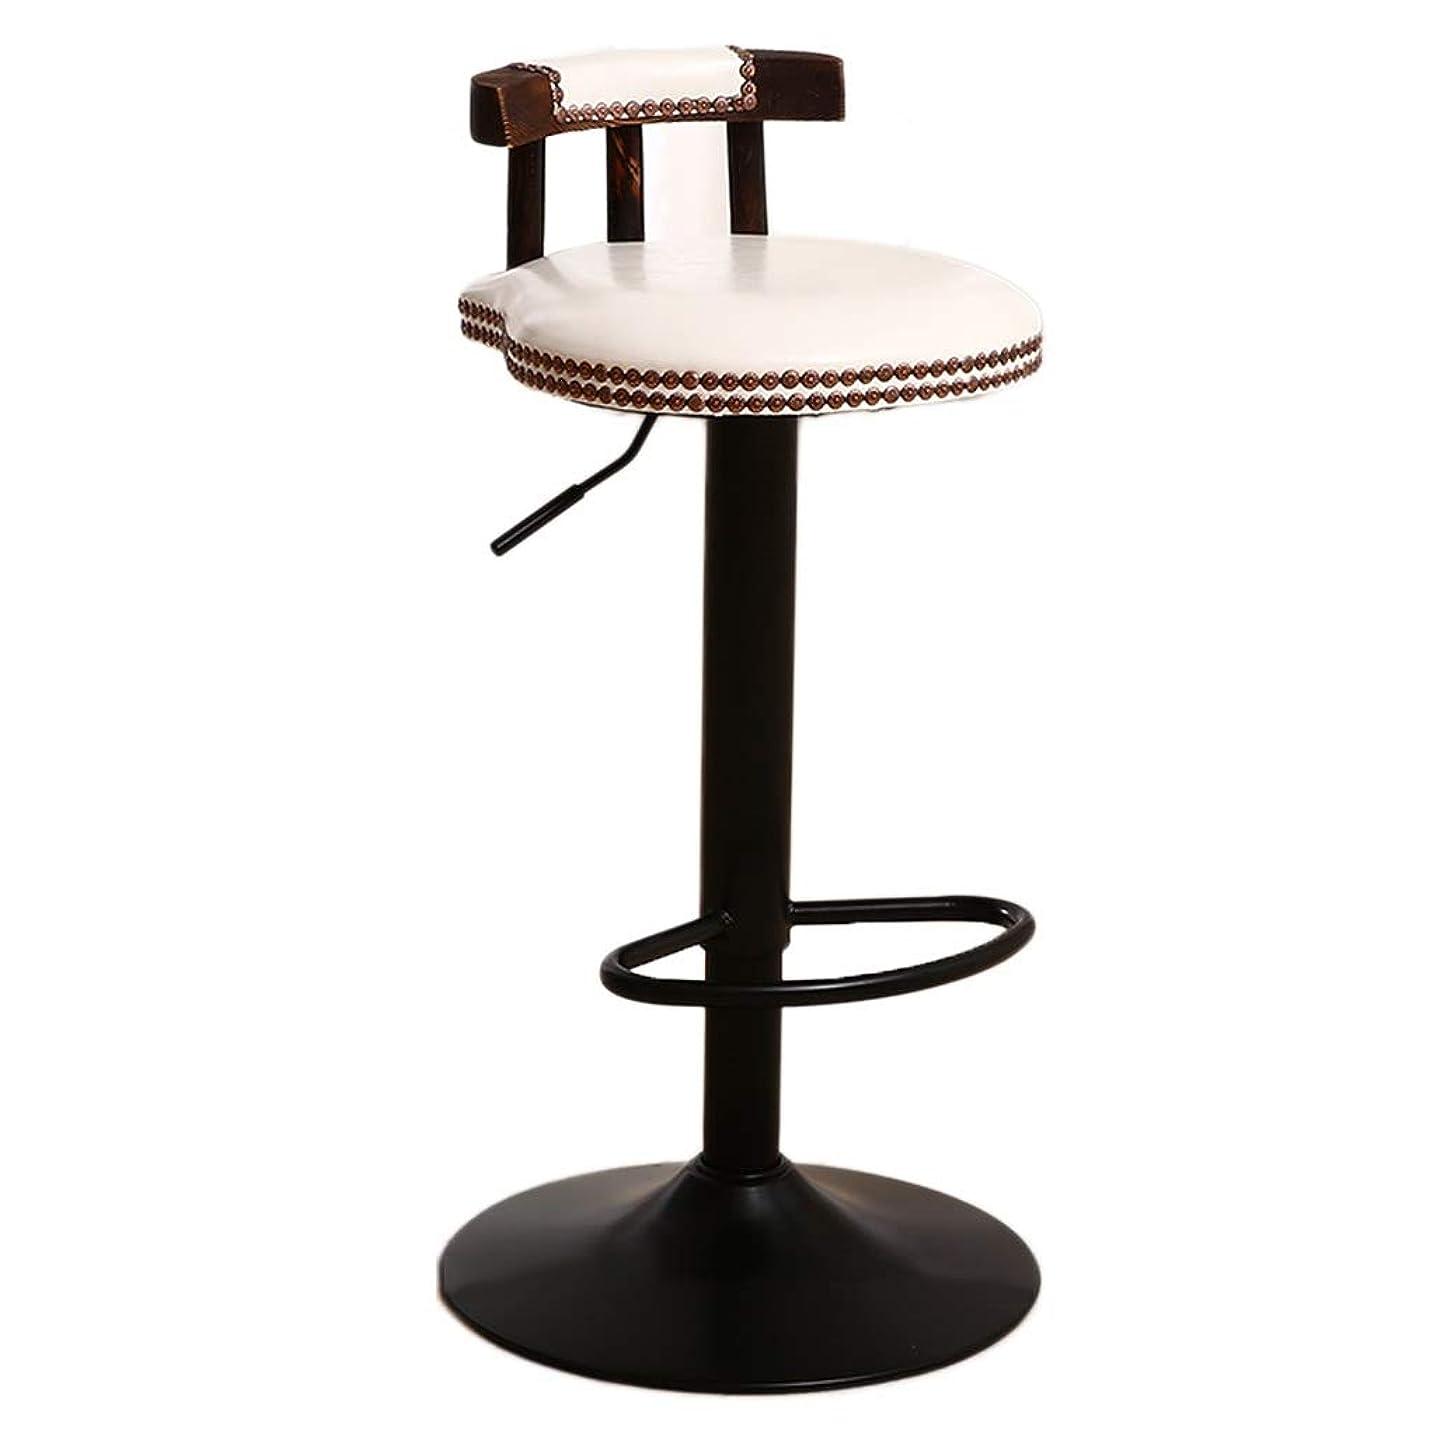 ベーシック勇気のあるハックTGGyong ハイスツール、ウィローネイルクリエイティブチェアファッションバーチェア衣料品店の椅子会社レセプションデスクチェア ユニーク (Color : C, Size : 38.5*38.5*60-80cm)